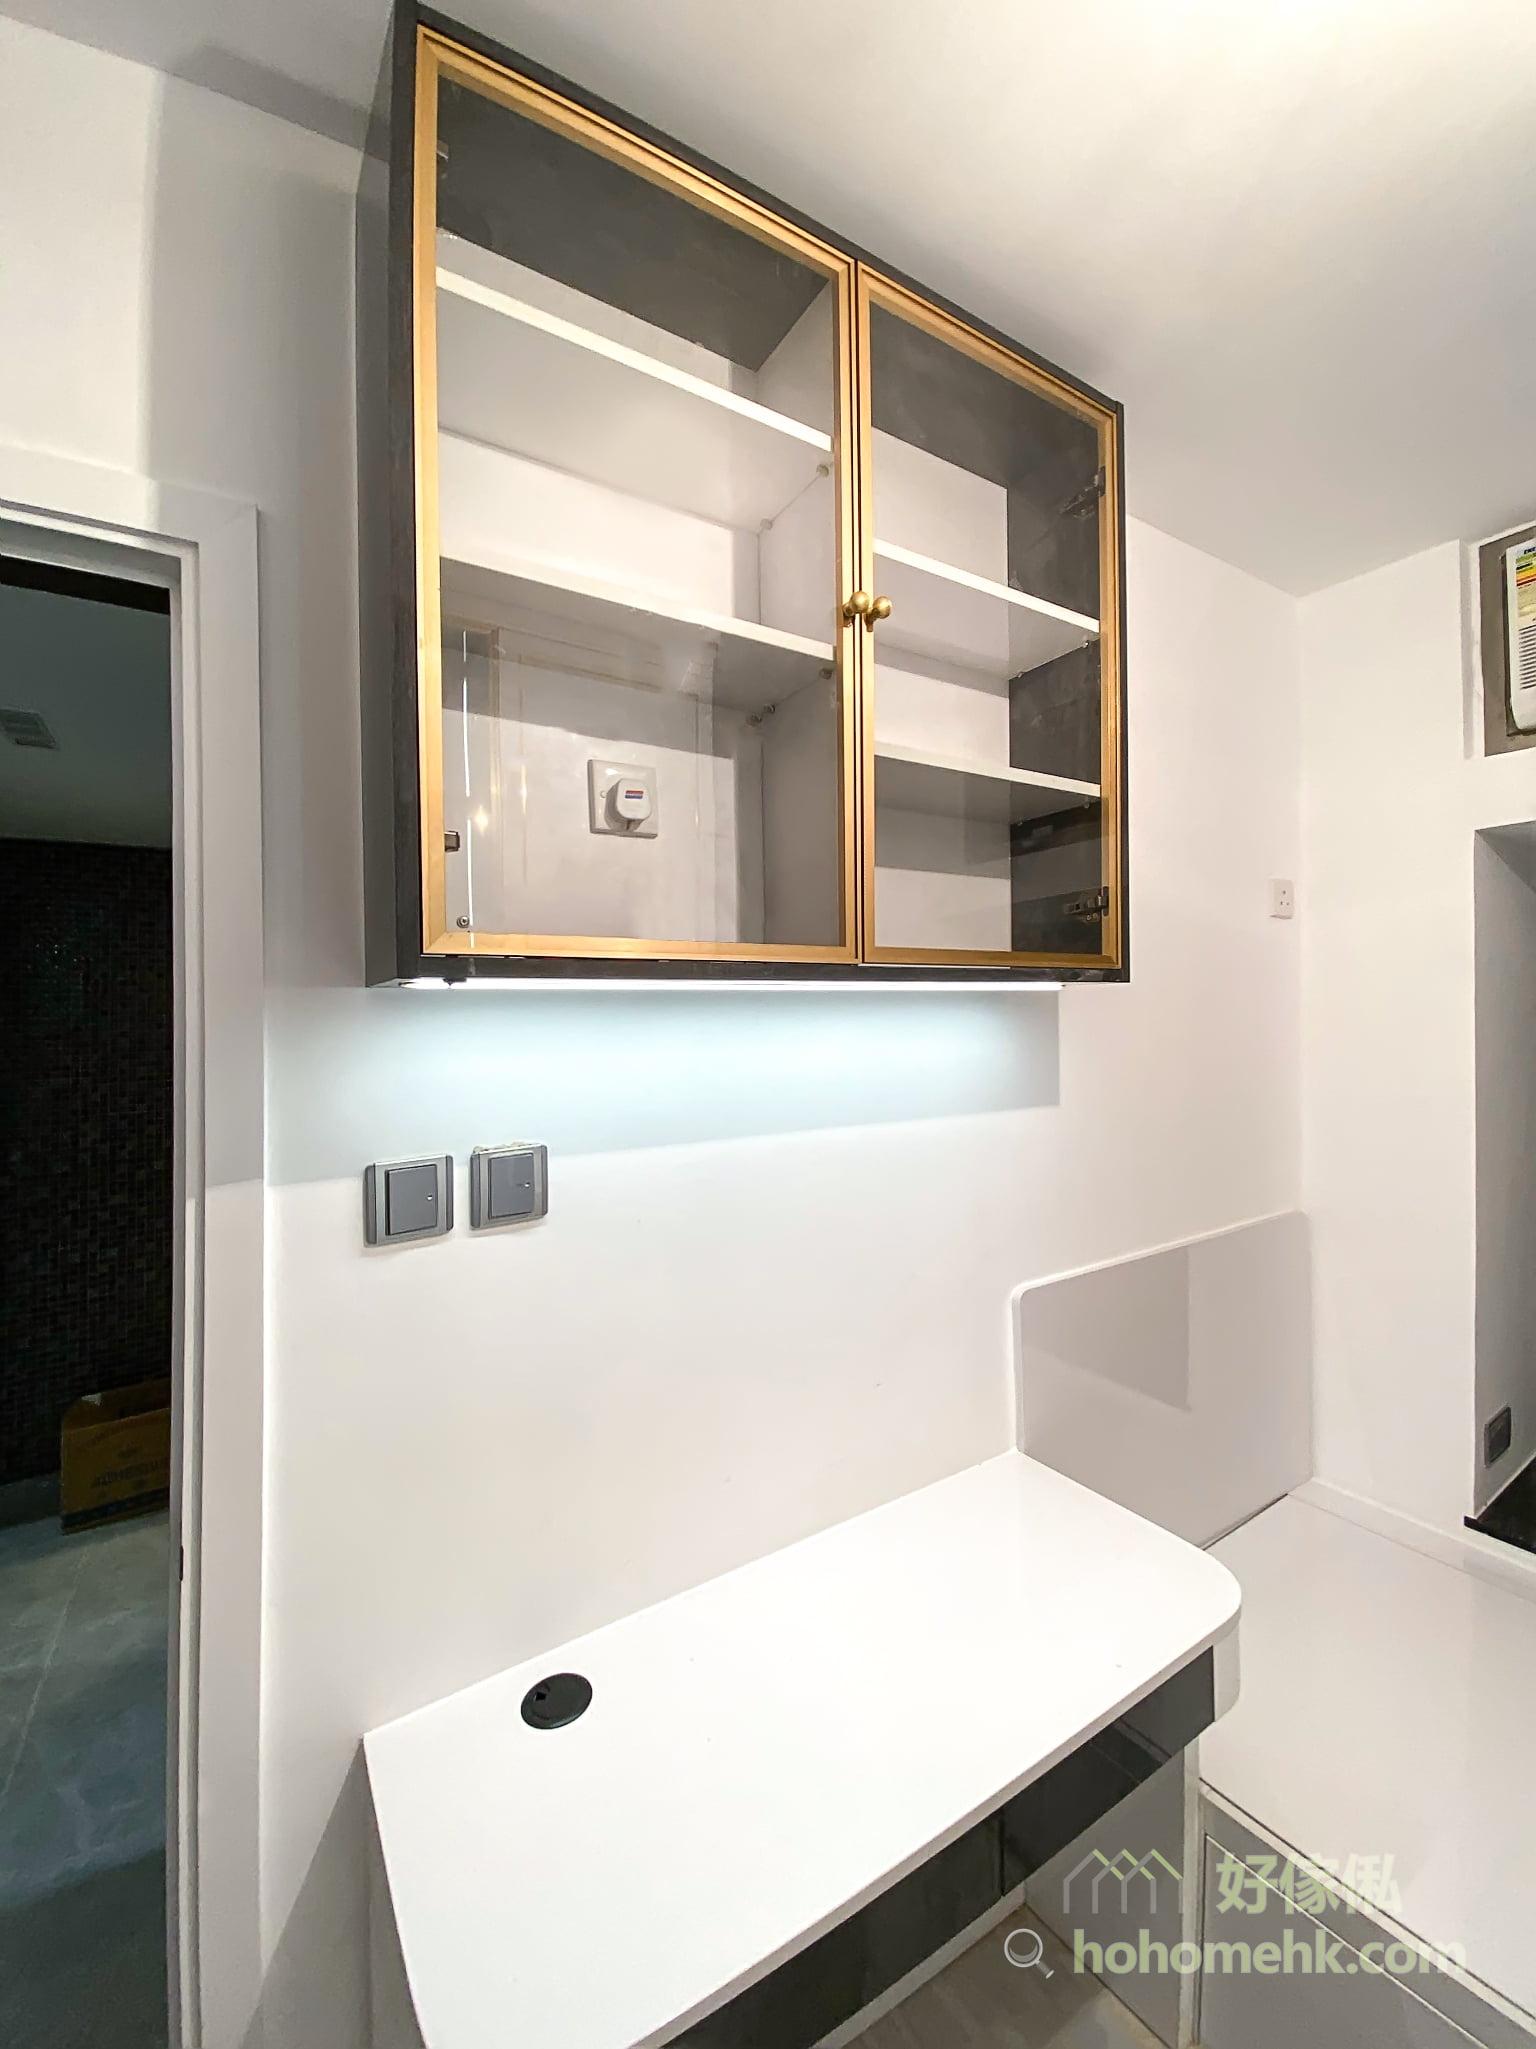 睡房的玻璃飾櫃櫃門配上金屬框,以及在衣櫃門用上細線條的金屬拉手和飾條,在大面積的黑、白面上更顯氣質和層次感